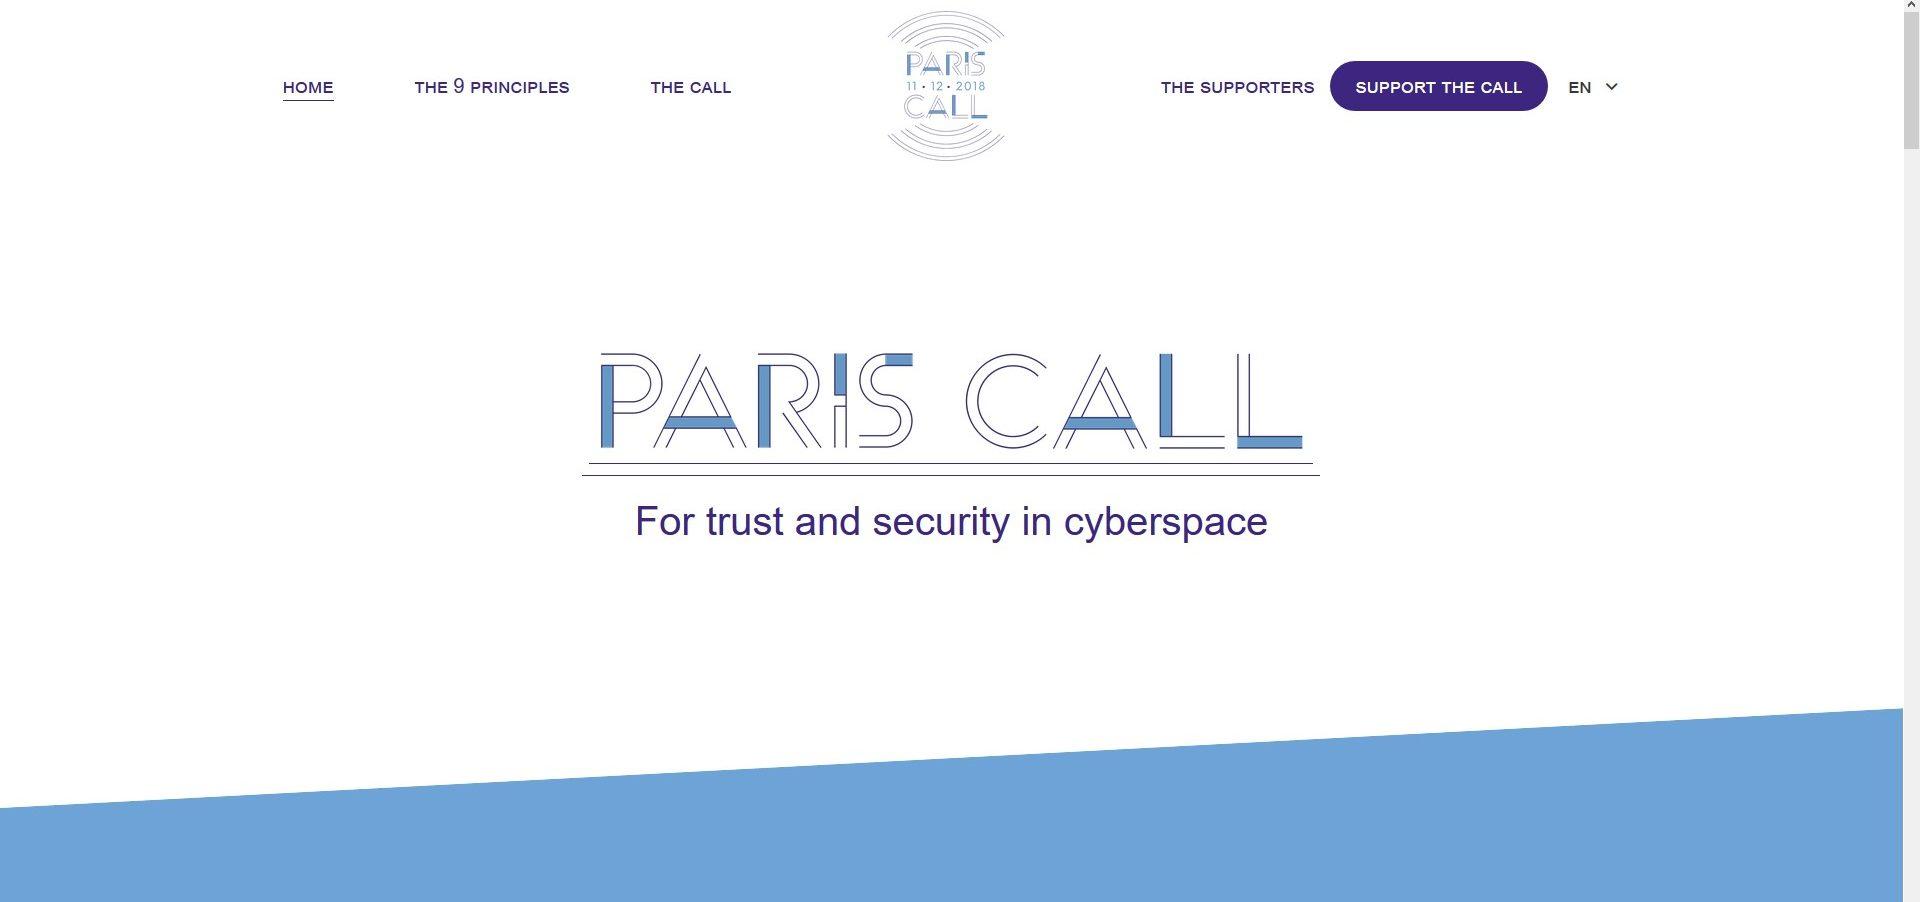 DigitalES se une al acuerdo Paris Call por la confianza y la seguridad en el ciberespacio